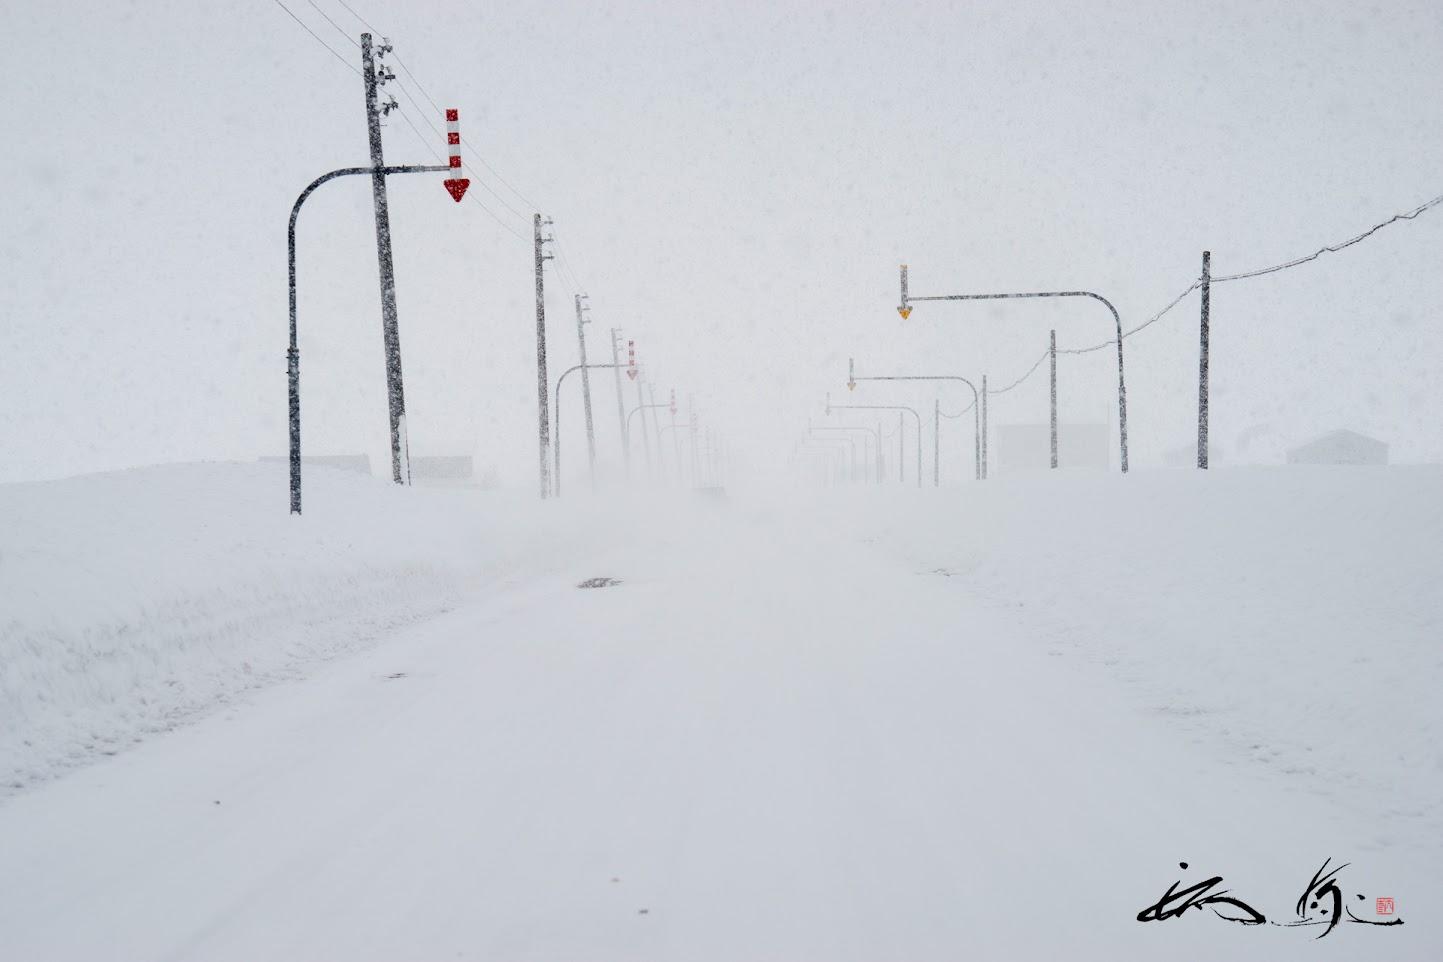 吹雪く道路